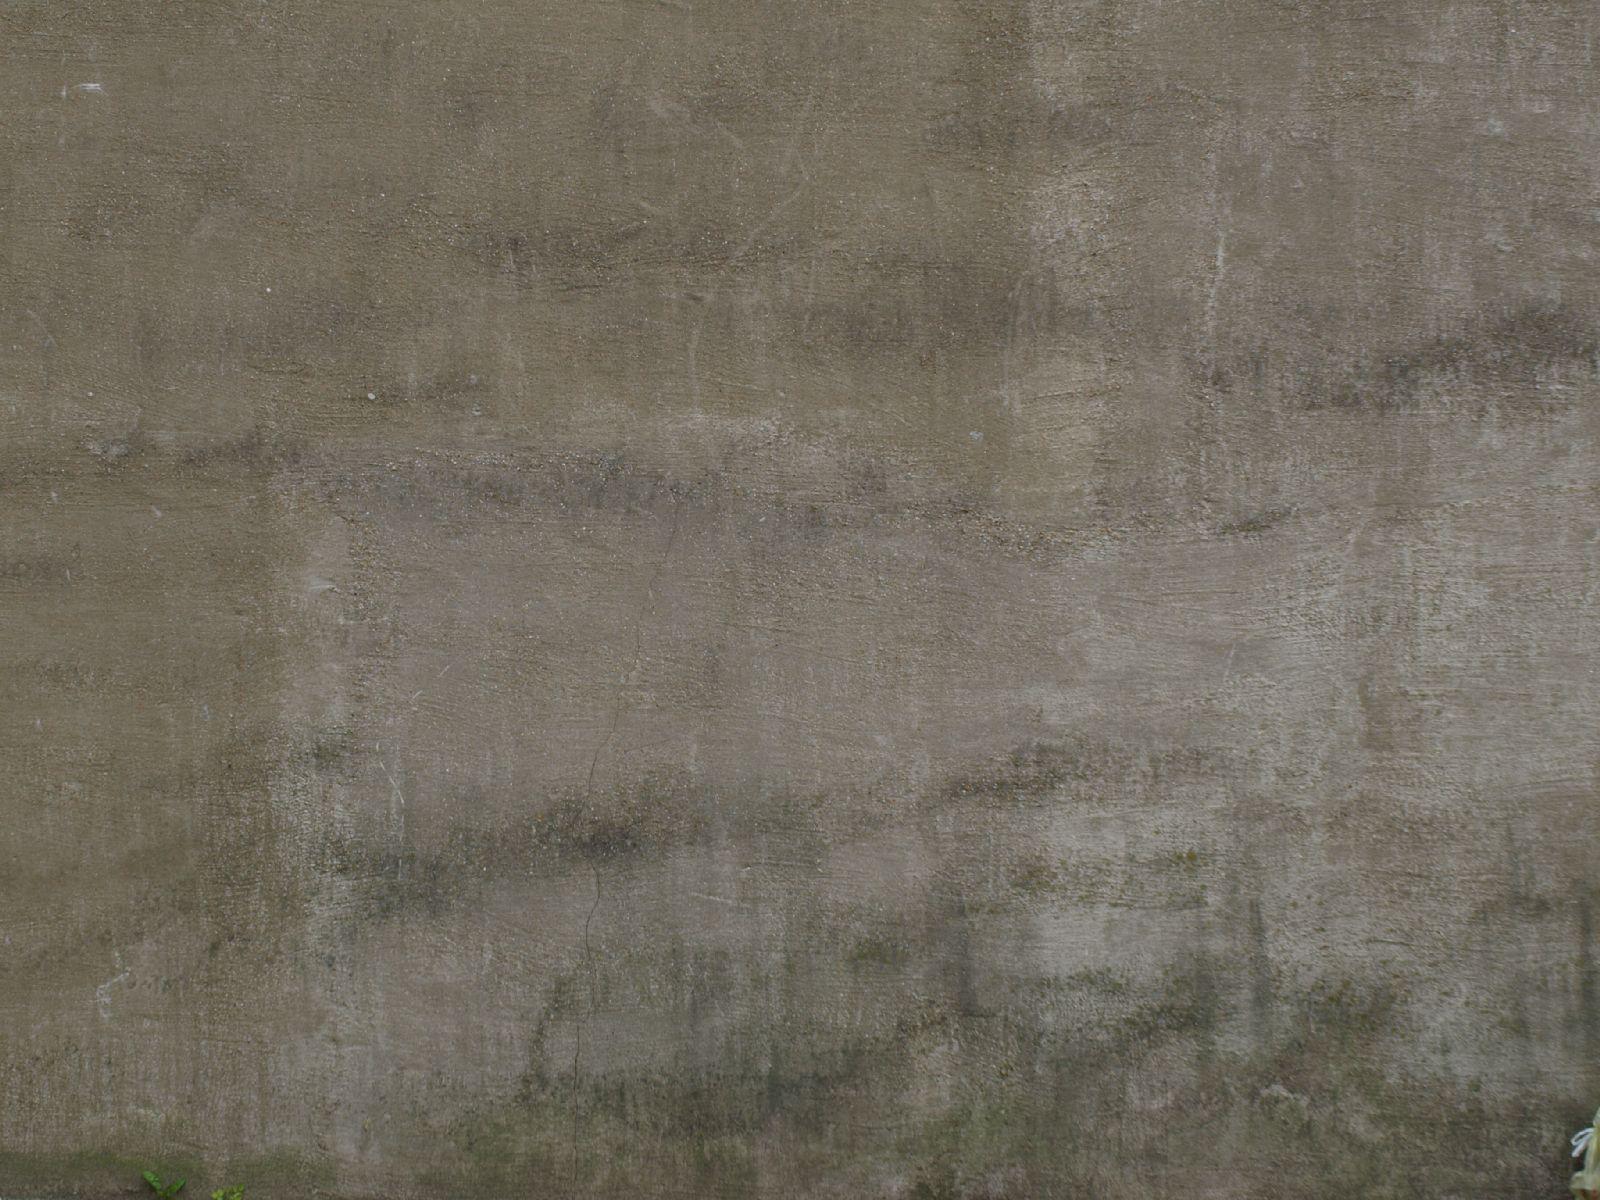 Grunge-Dreck_Textur_A_P4090284